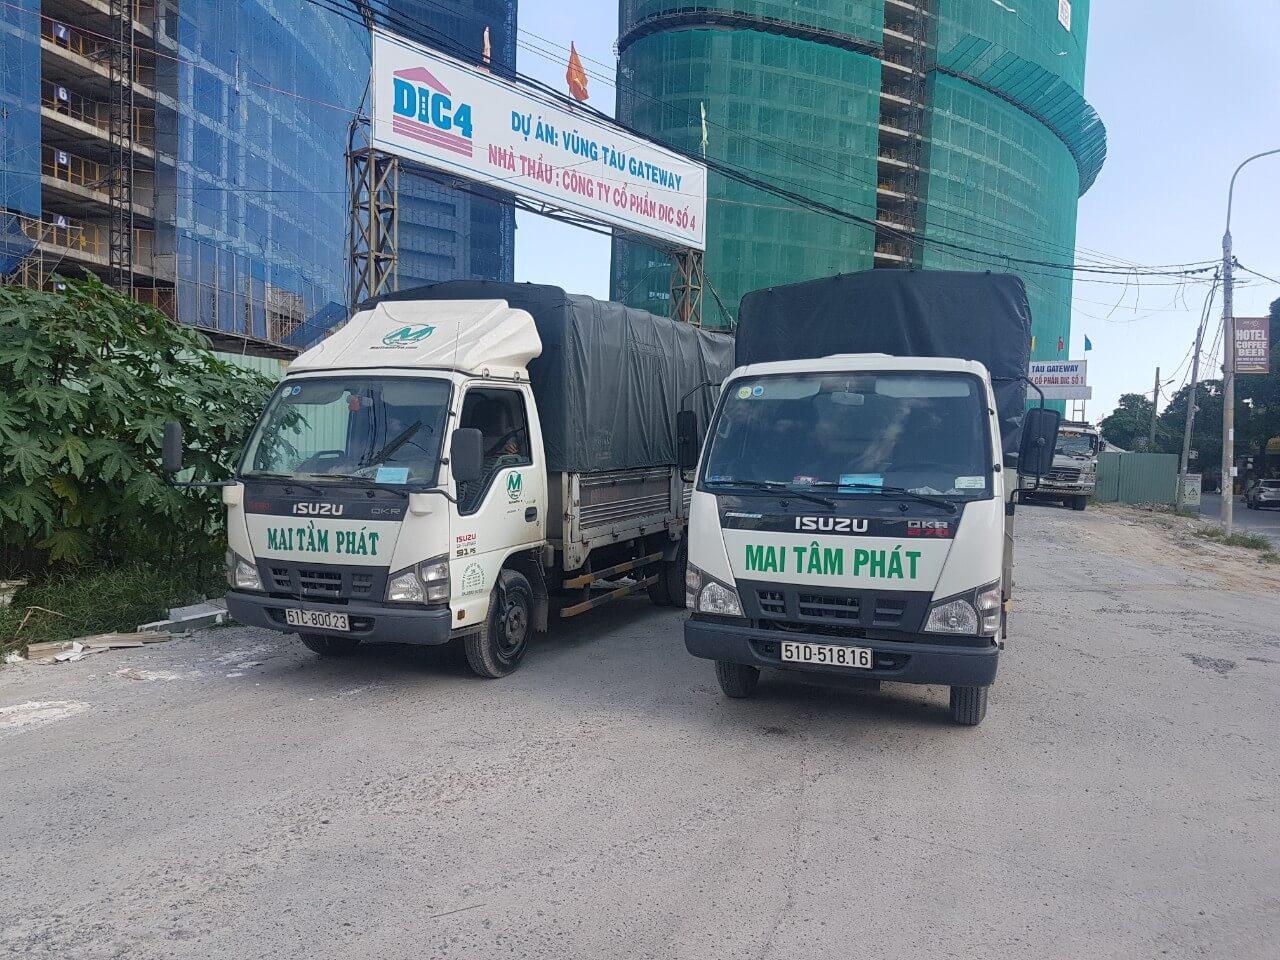 Tại sao bạn nên chọn dịch vụ chành xe Tây Ninh của Mai Tam Phát